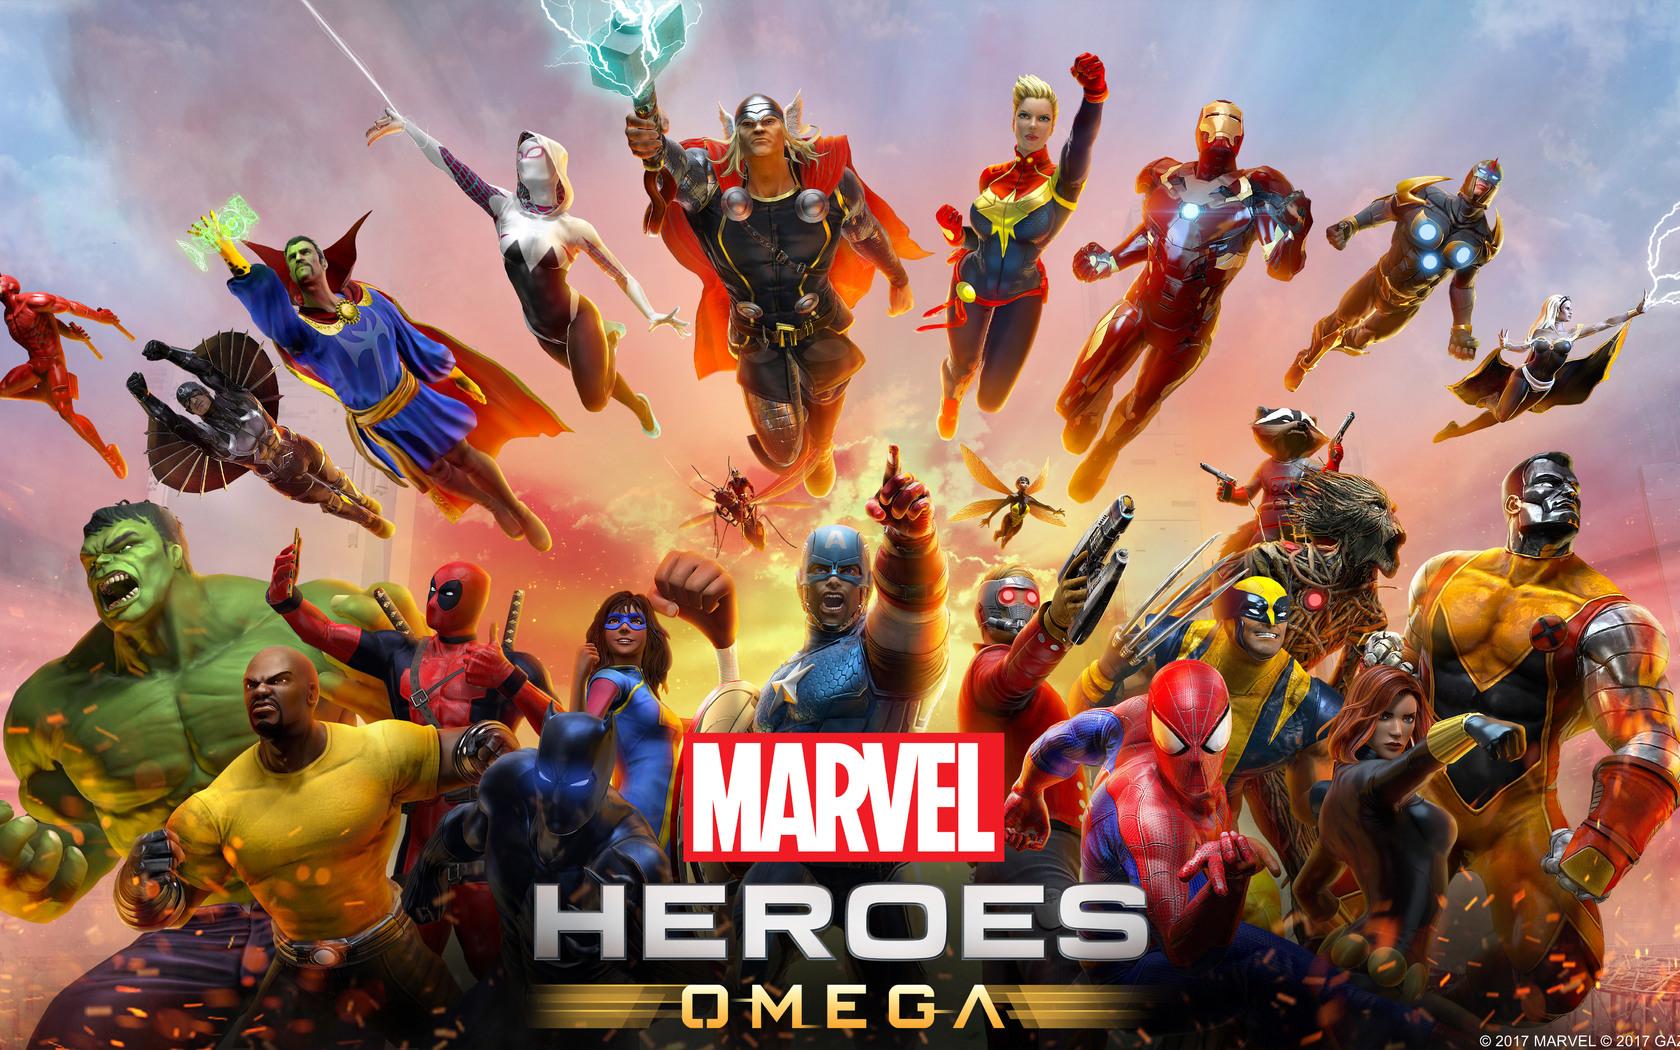 marvel-heroes-omega-wide.jpg